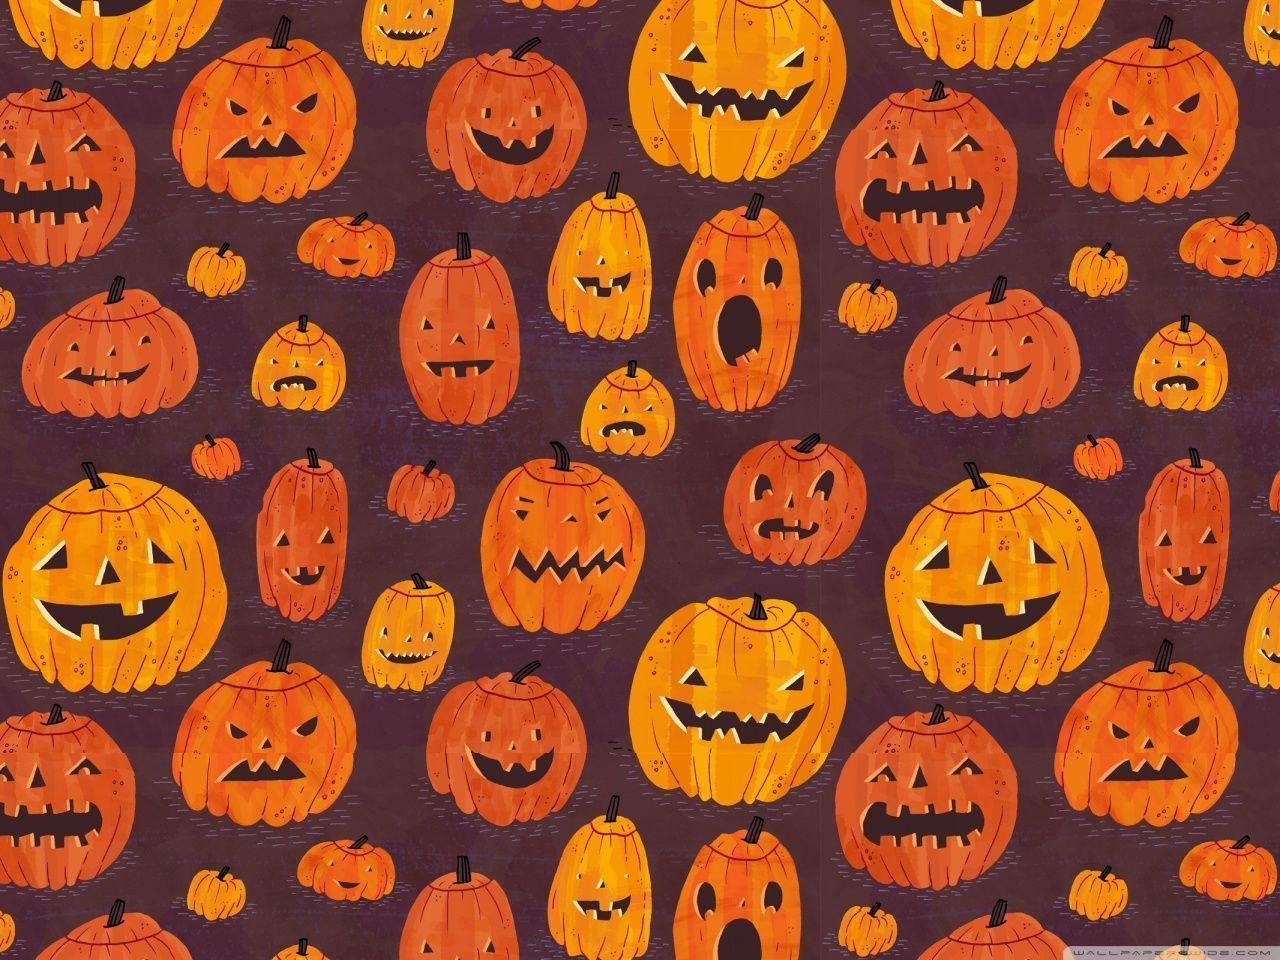 Cartoon Pumpkin Wallpapers Top Free Cartoon Pumpkin Backgrounds Wallpaperaccess